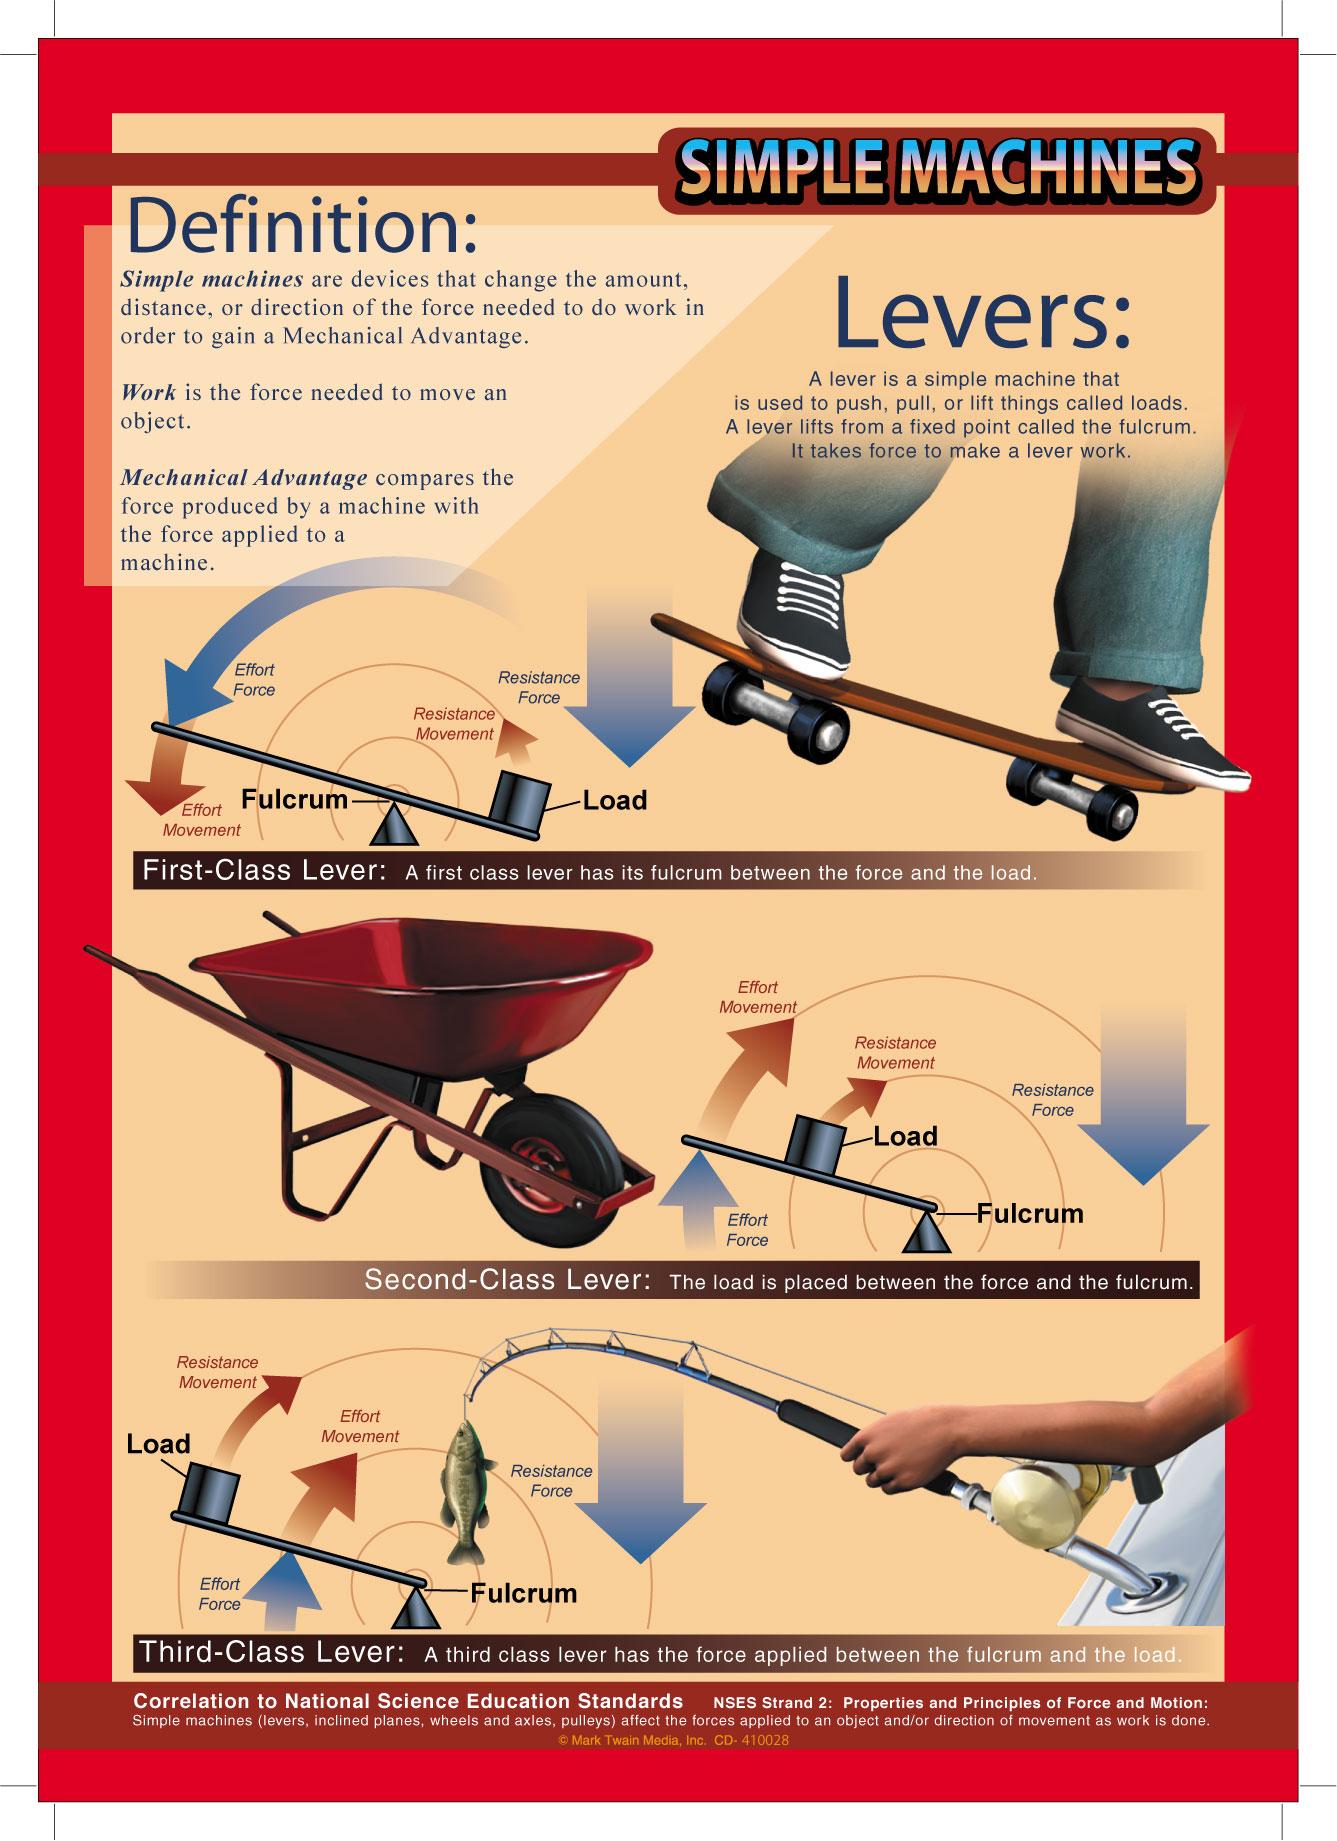 Simple Machines Infografias De Maquinas Simples